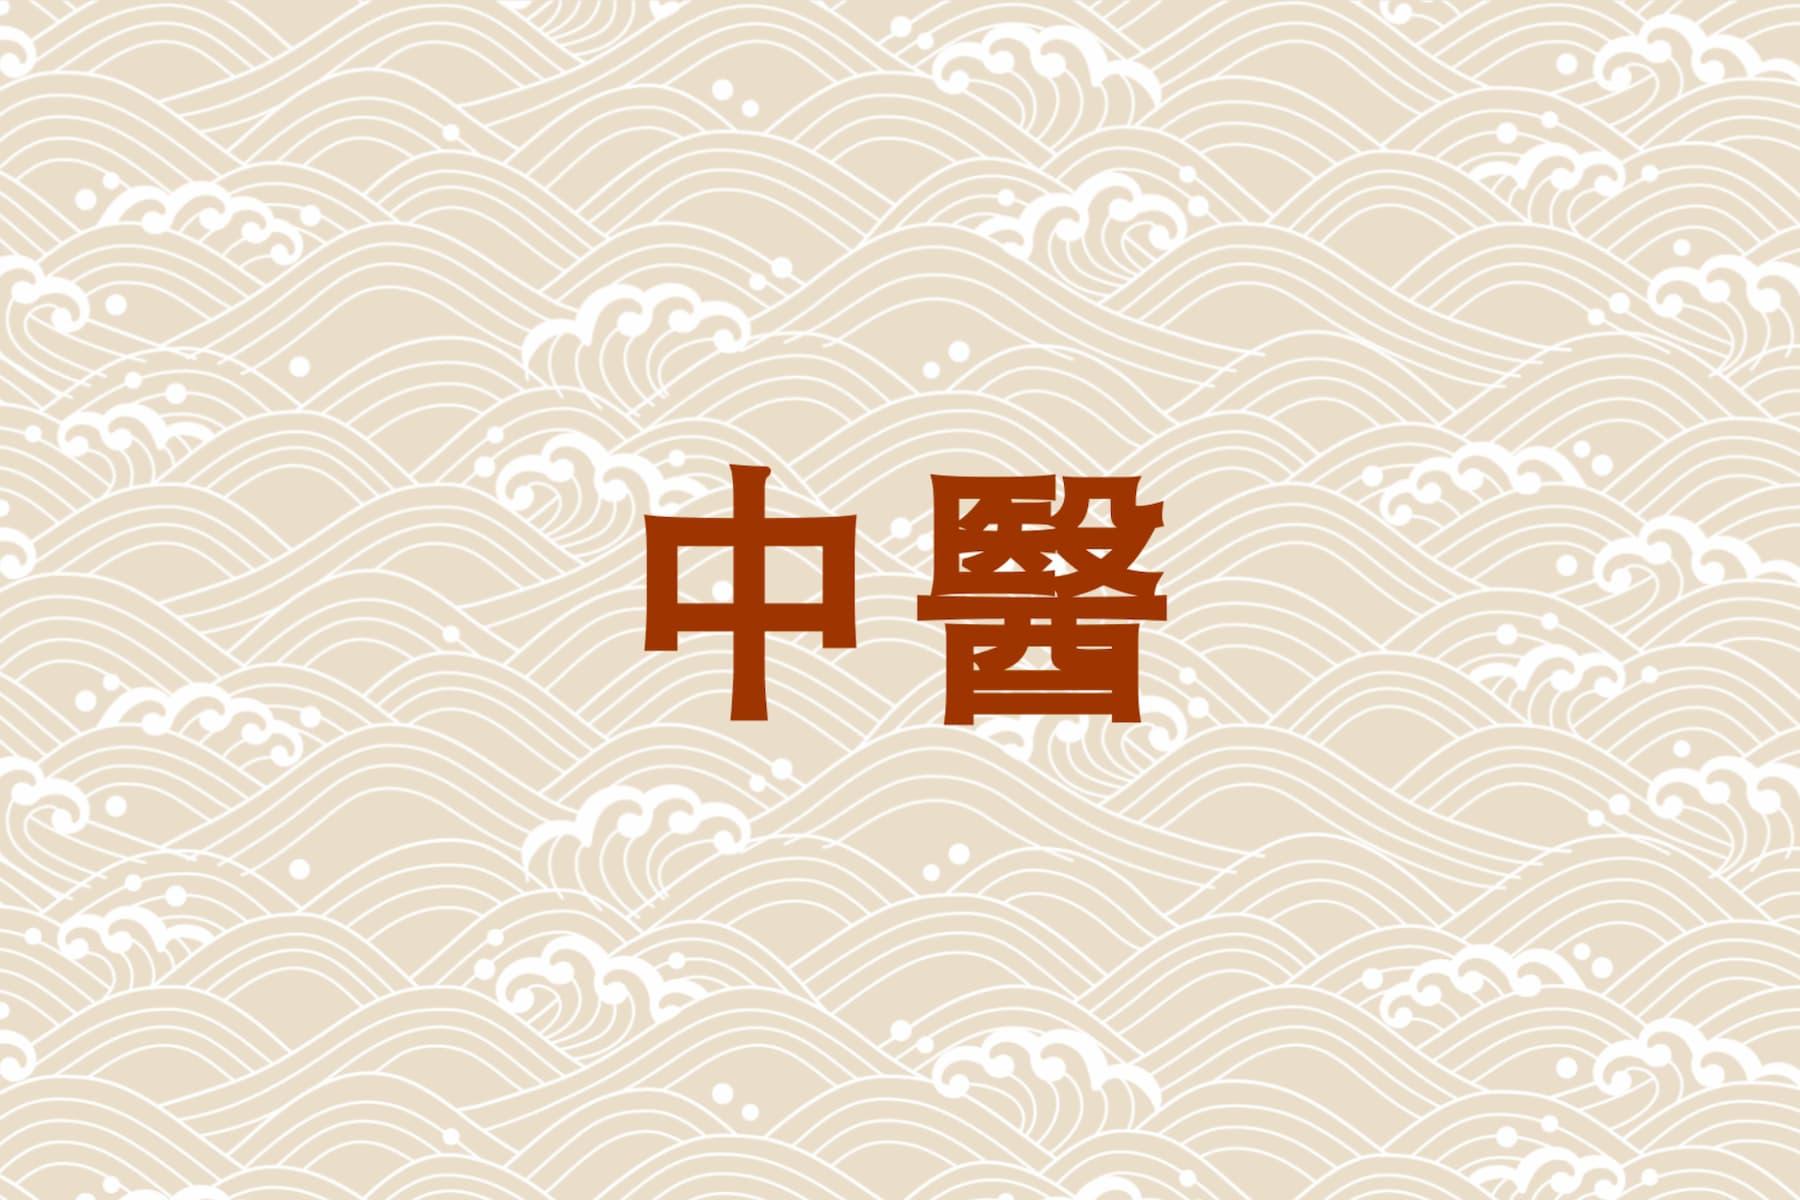 yingmukuaizhao_2020-05-13_xiawu5.16.25